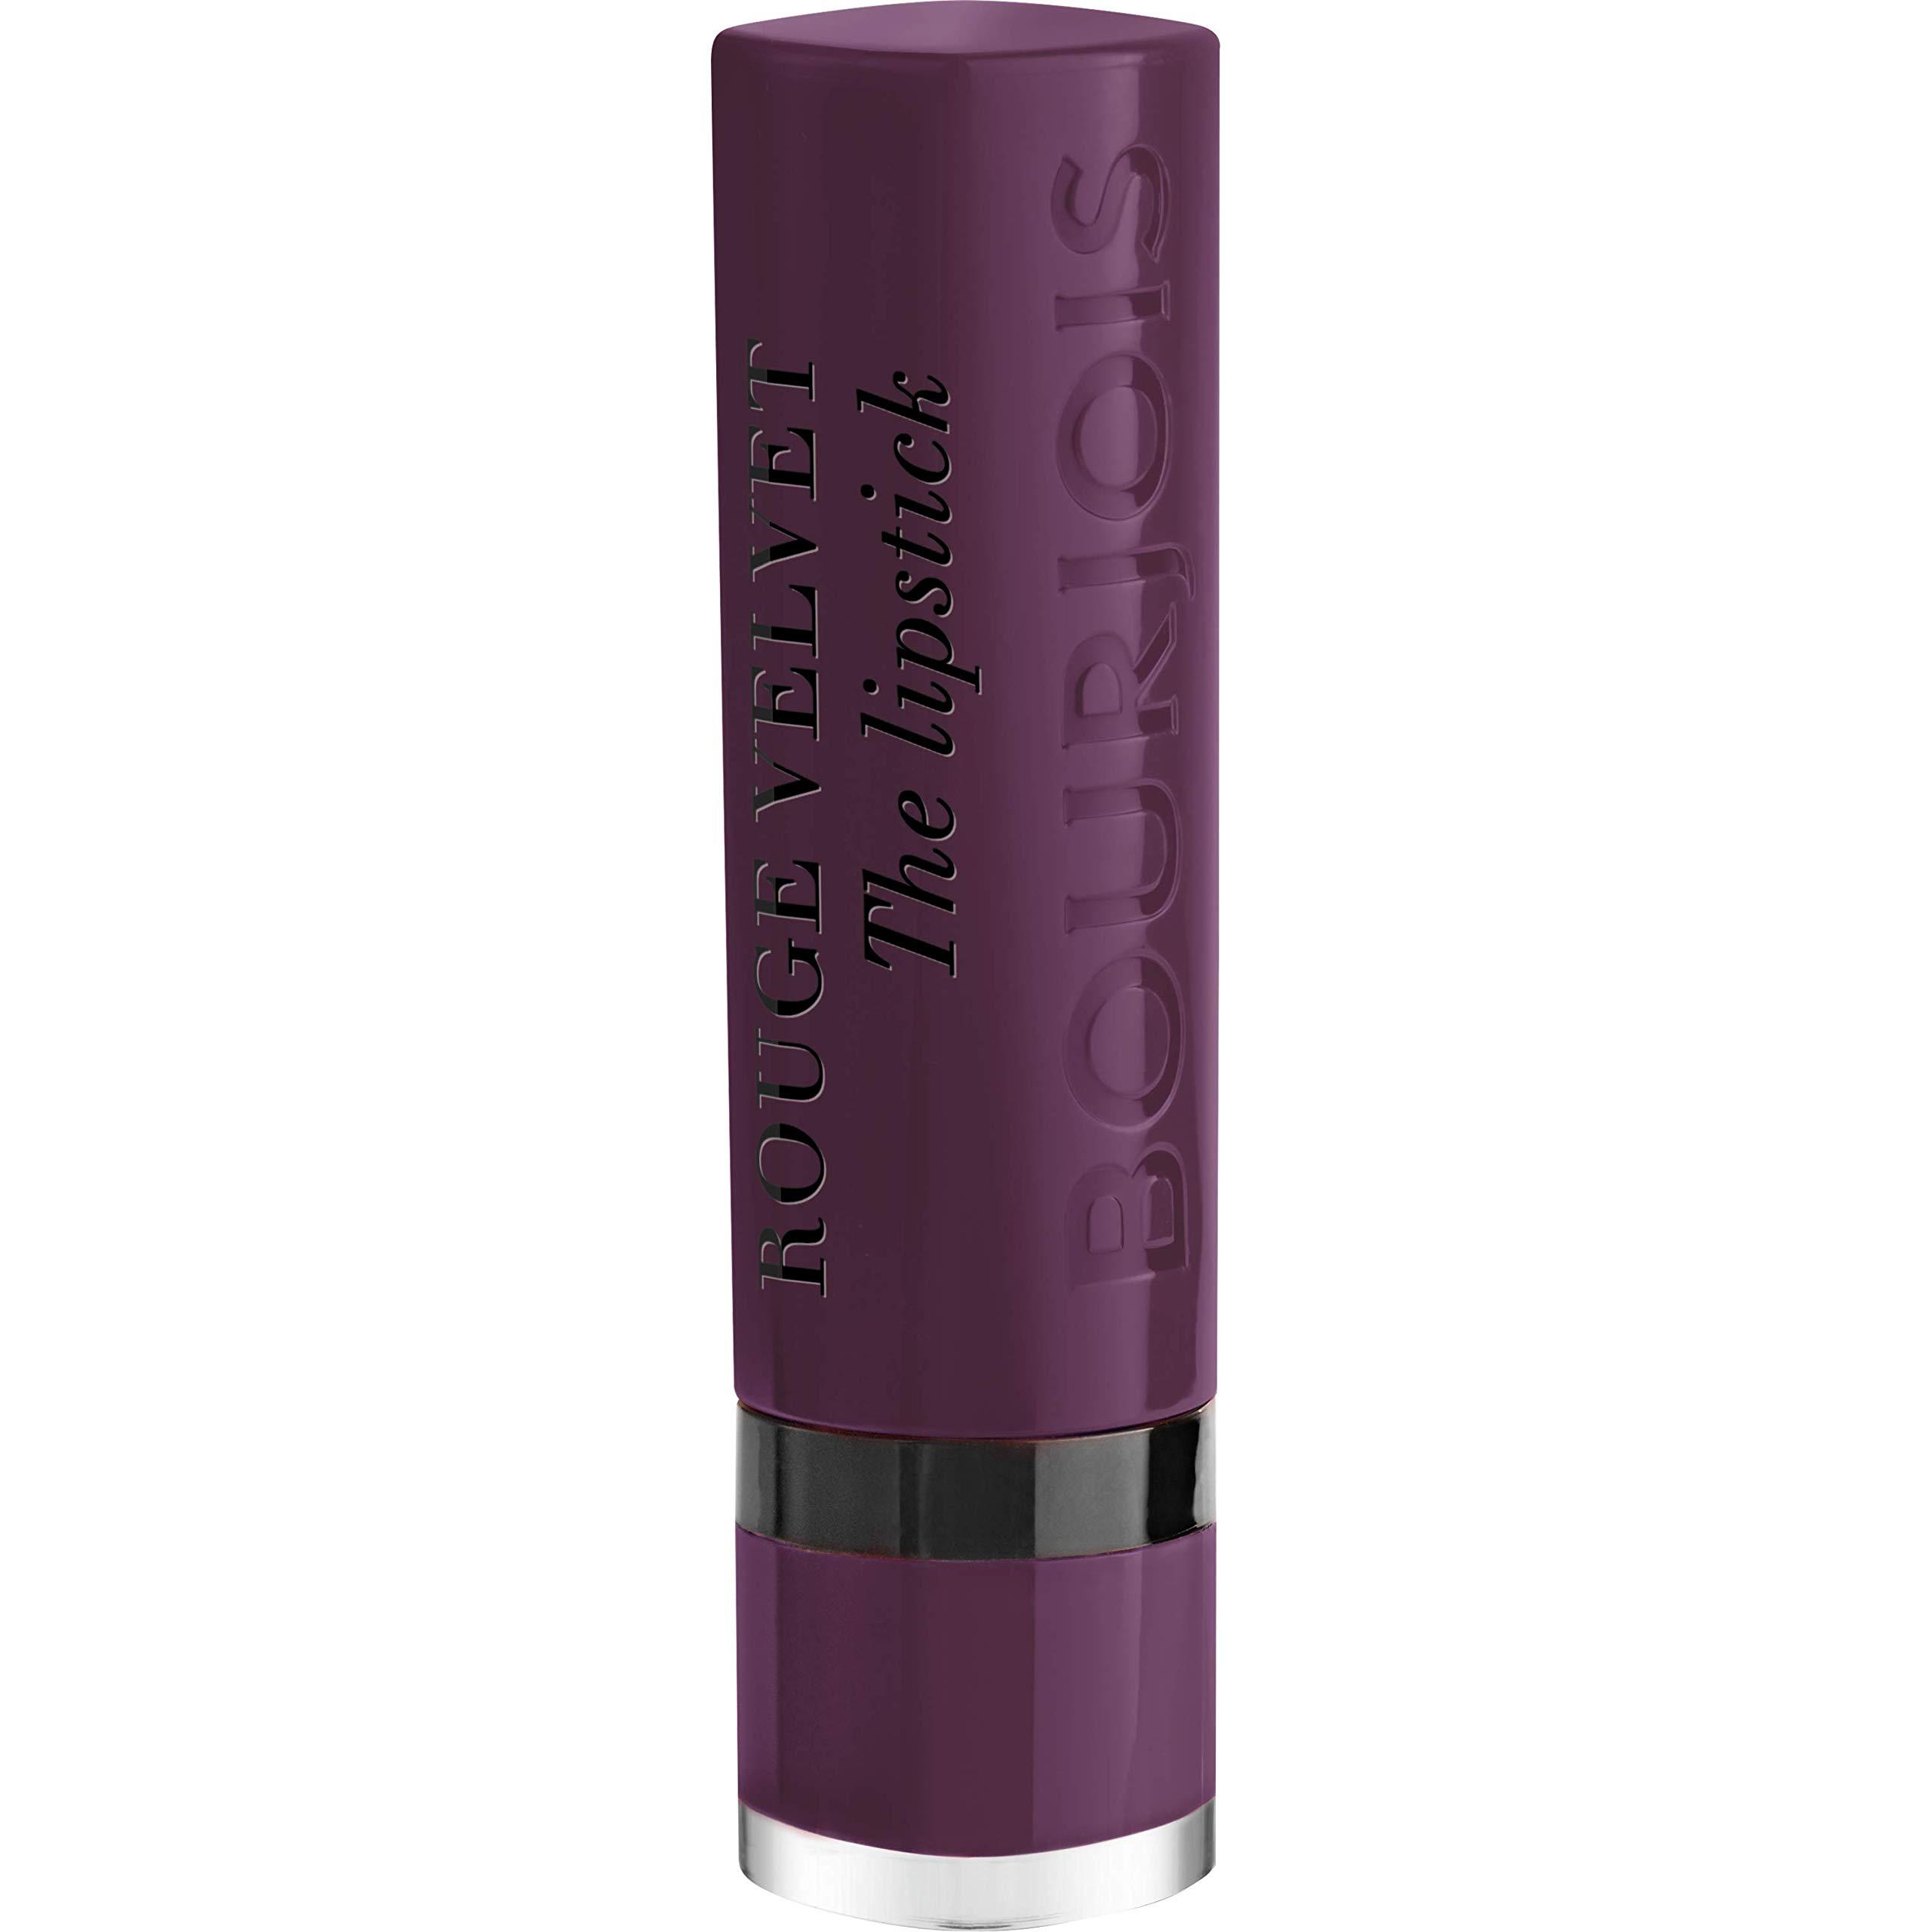 Bourjois Velvet The Lipstick Barra De Labios Tono 020 Plum Royal - 23 gr product image